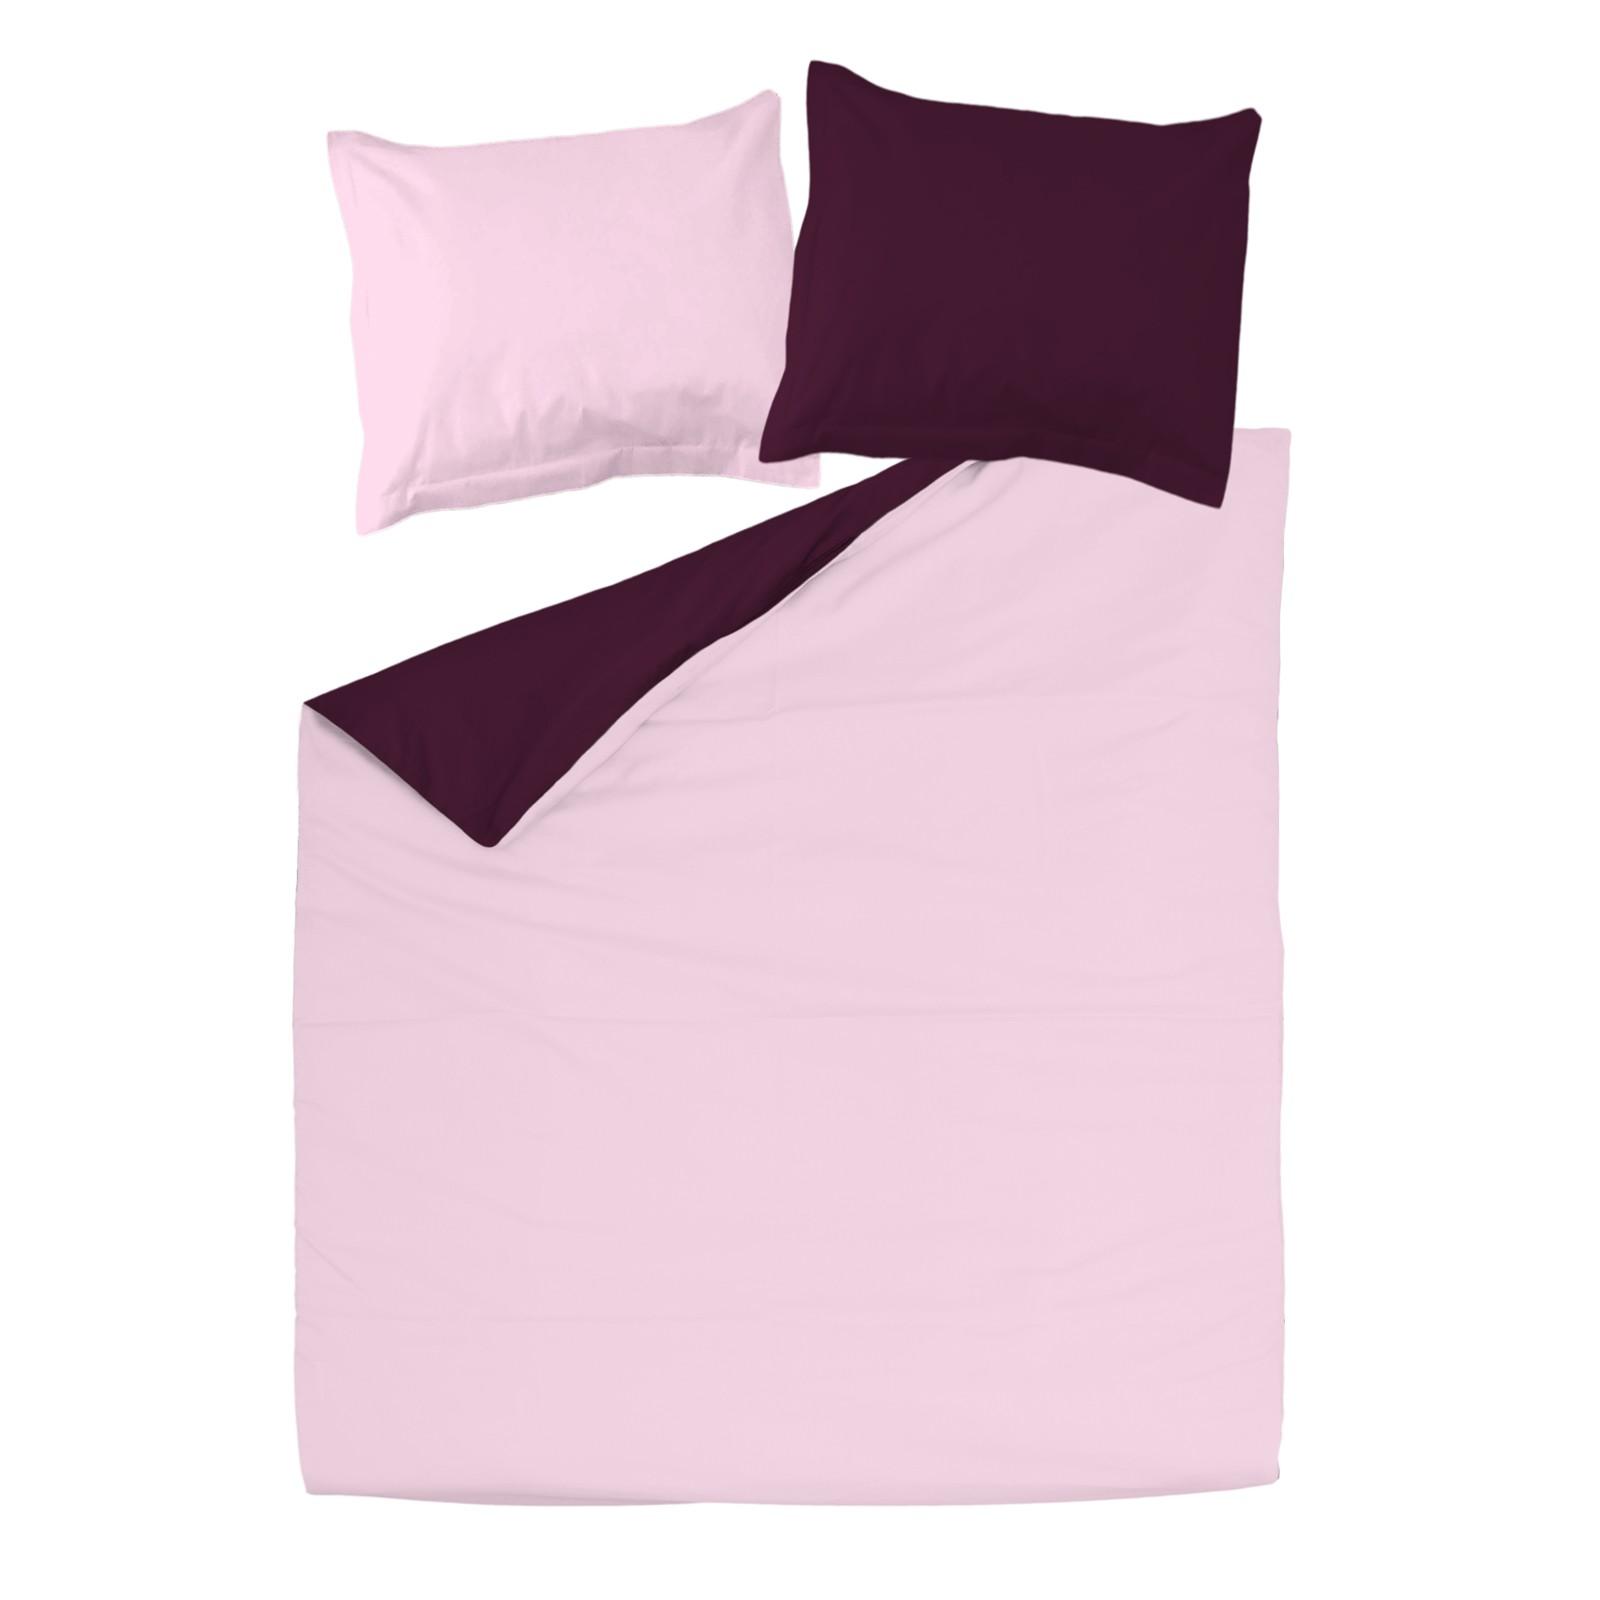 aubergine et rose 100 coton parure de lit r versible. Black Bedroom Furniture Sets. Home Design Ideas